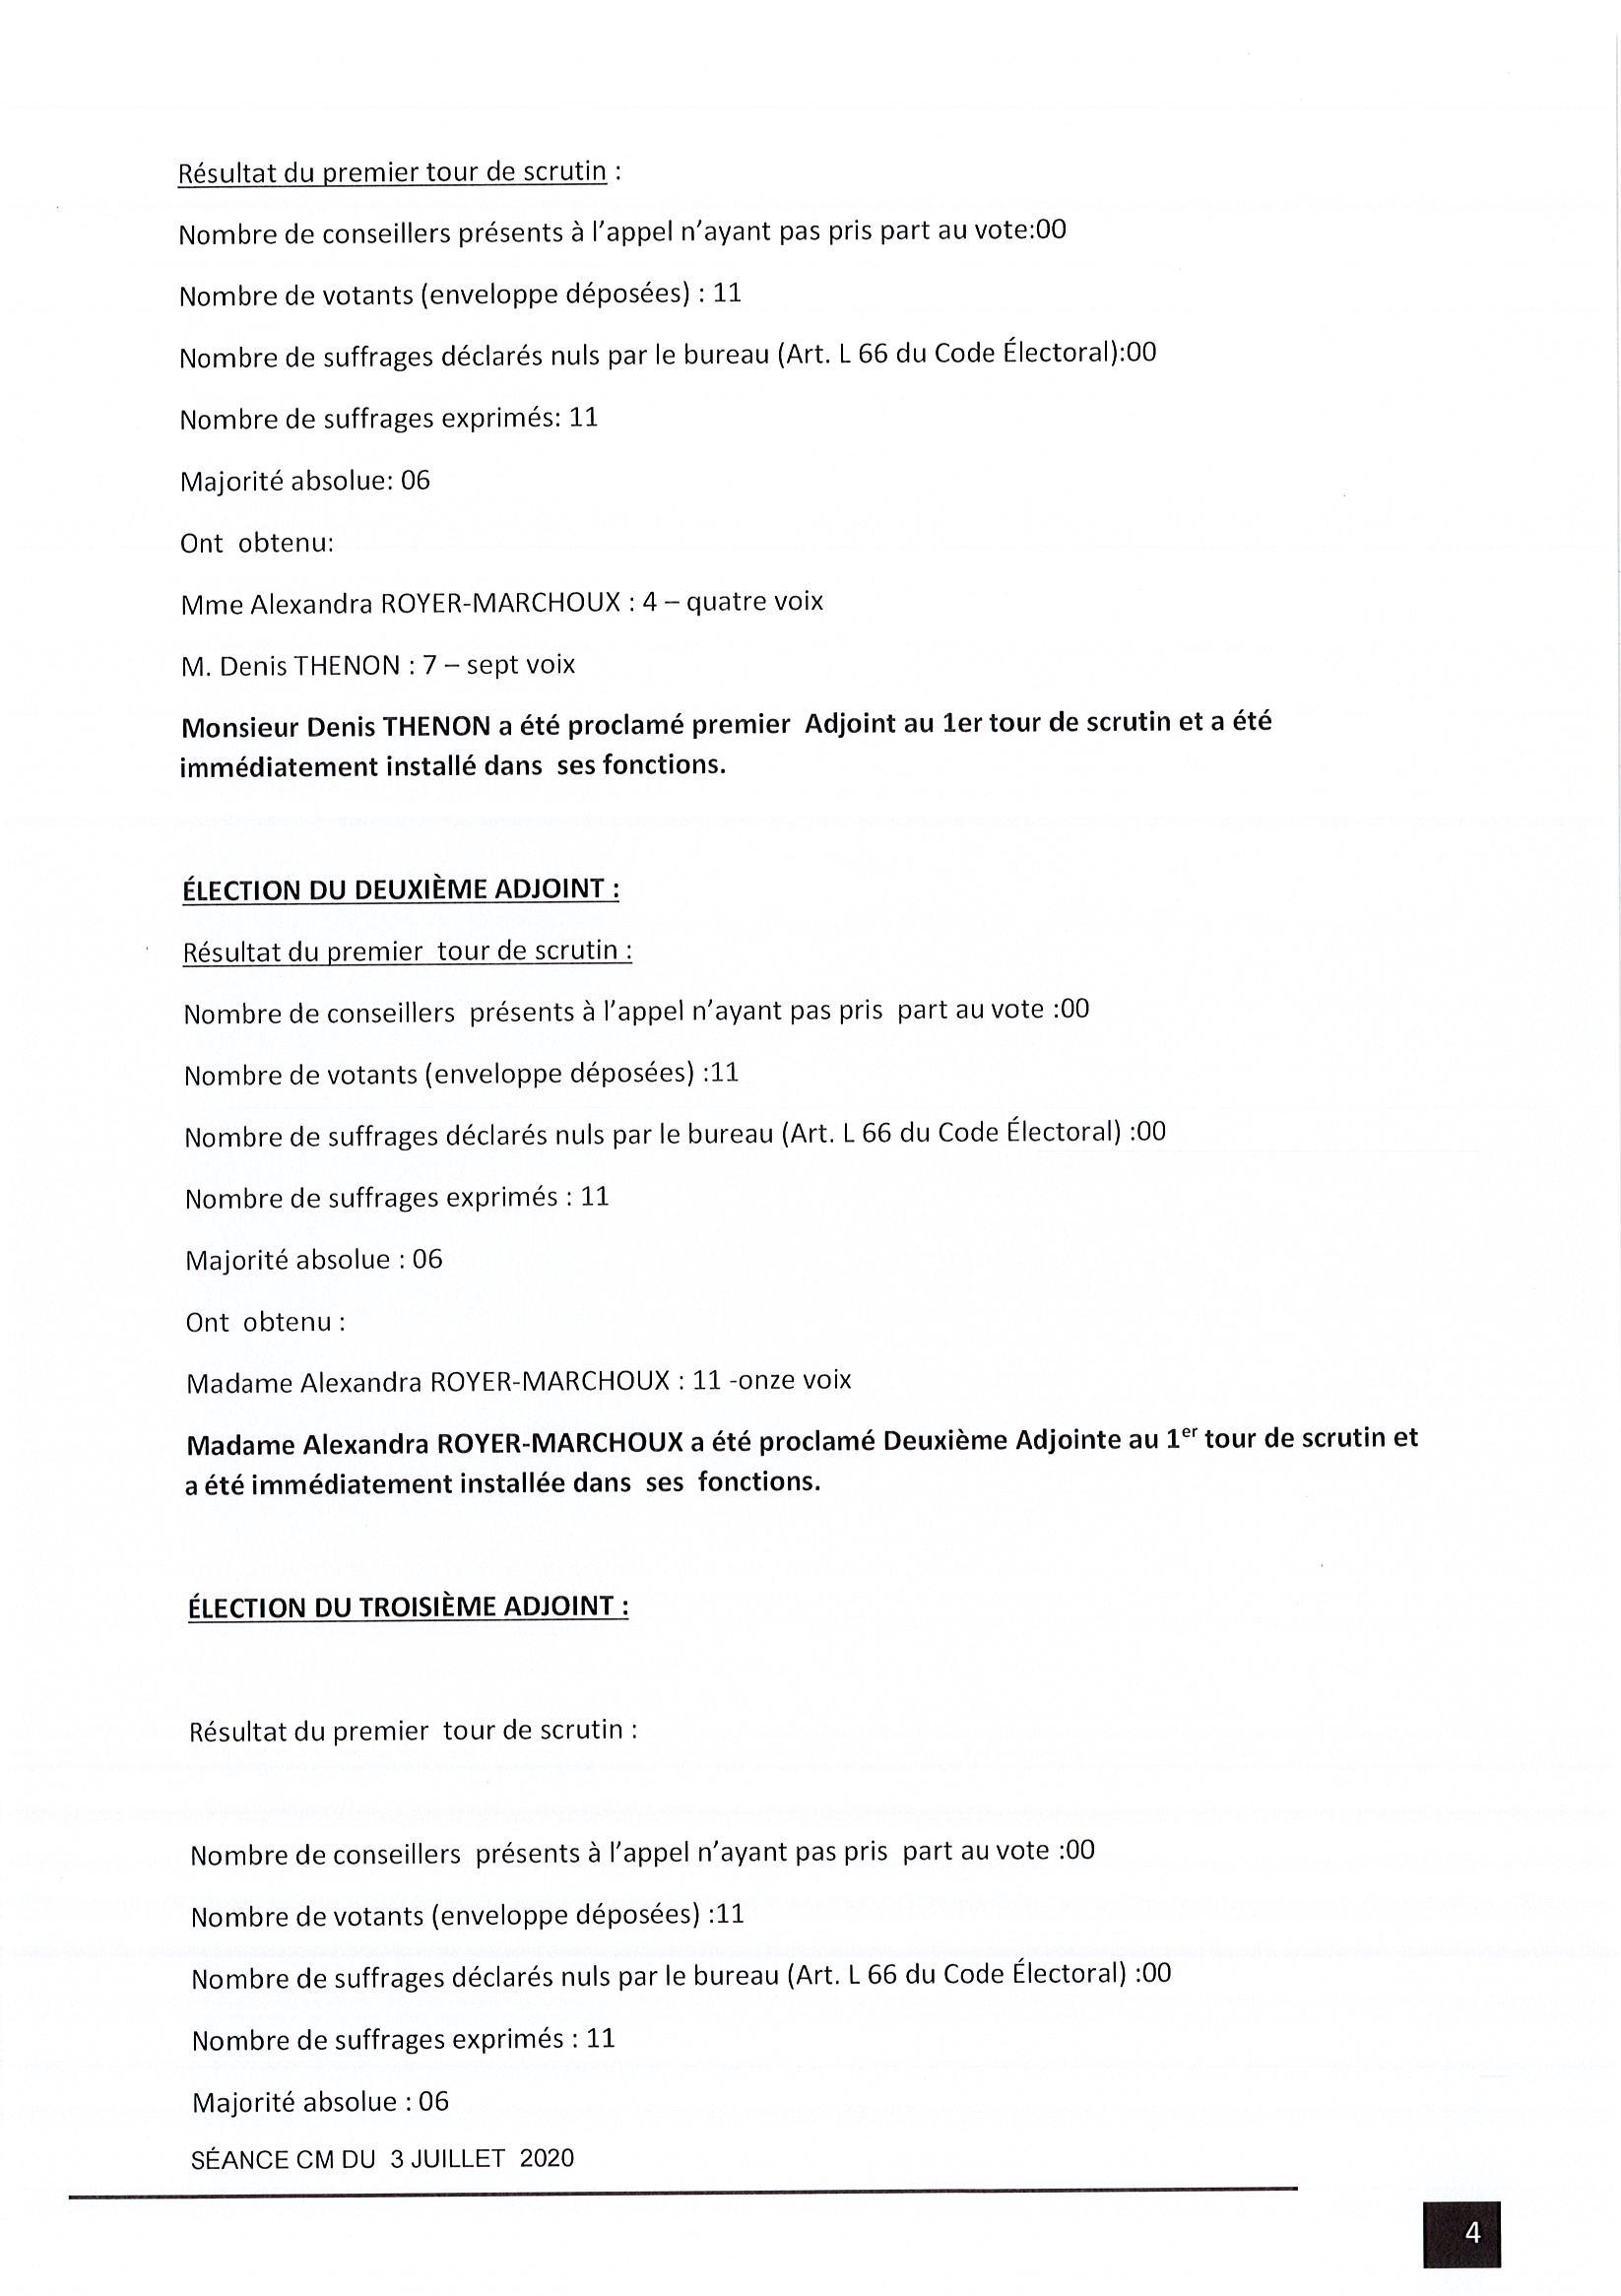 accueil/doc101120-10112020121830-0012.jpg